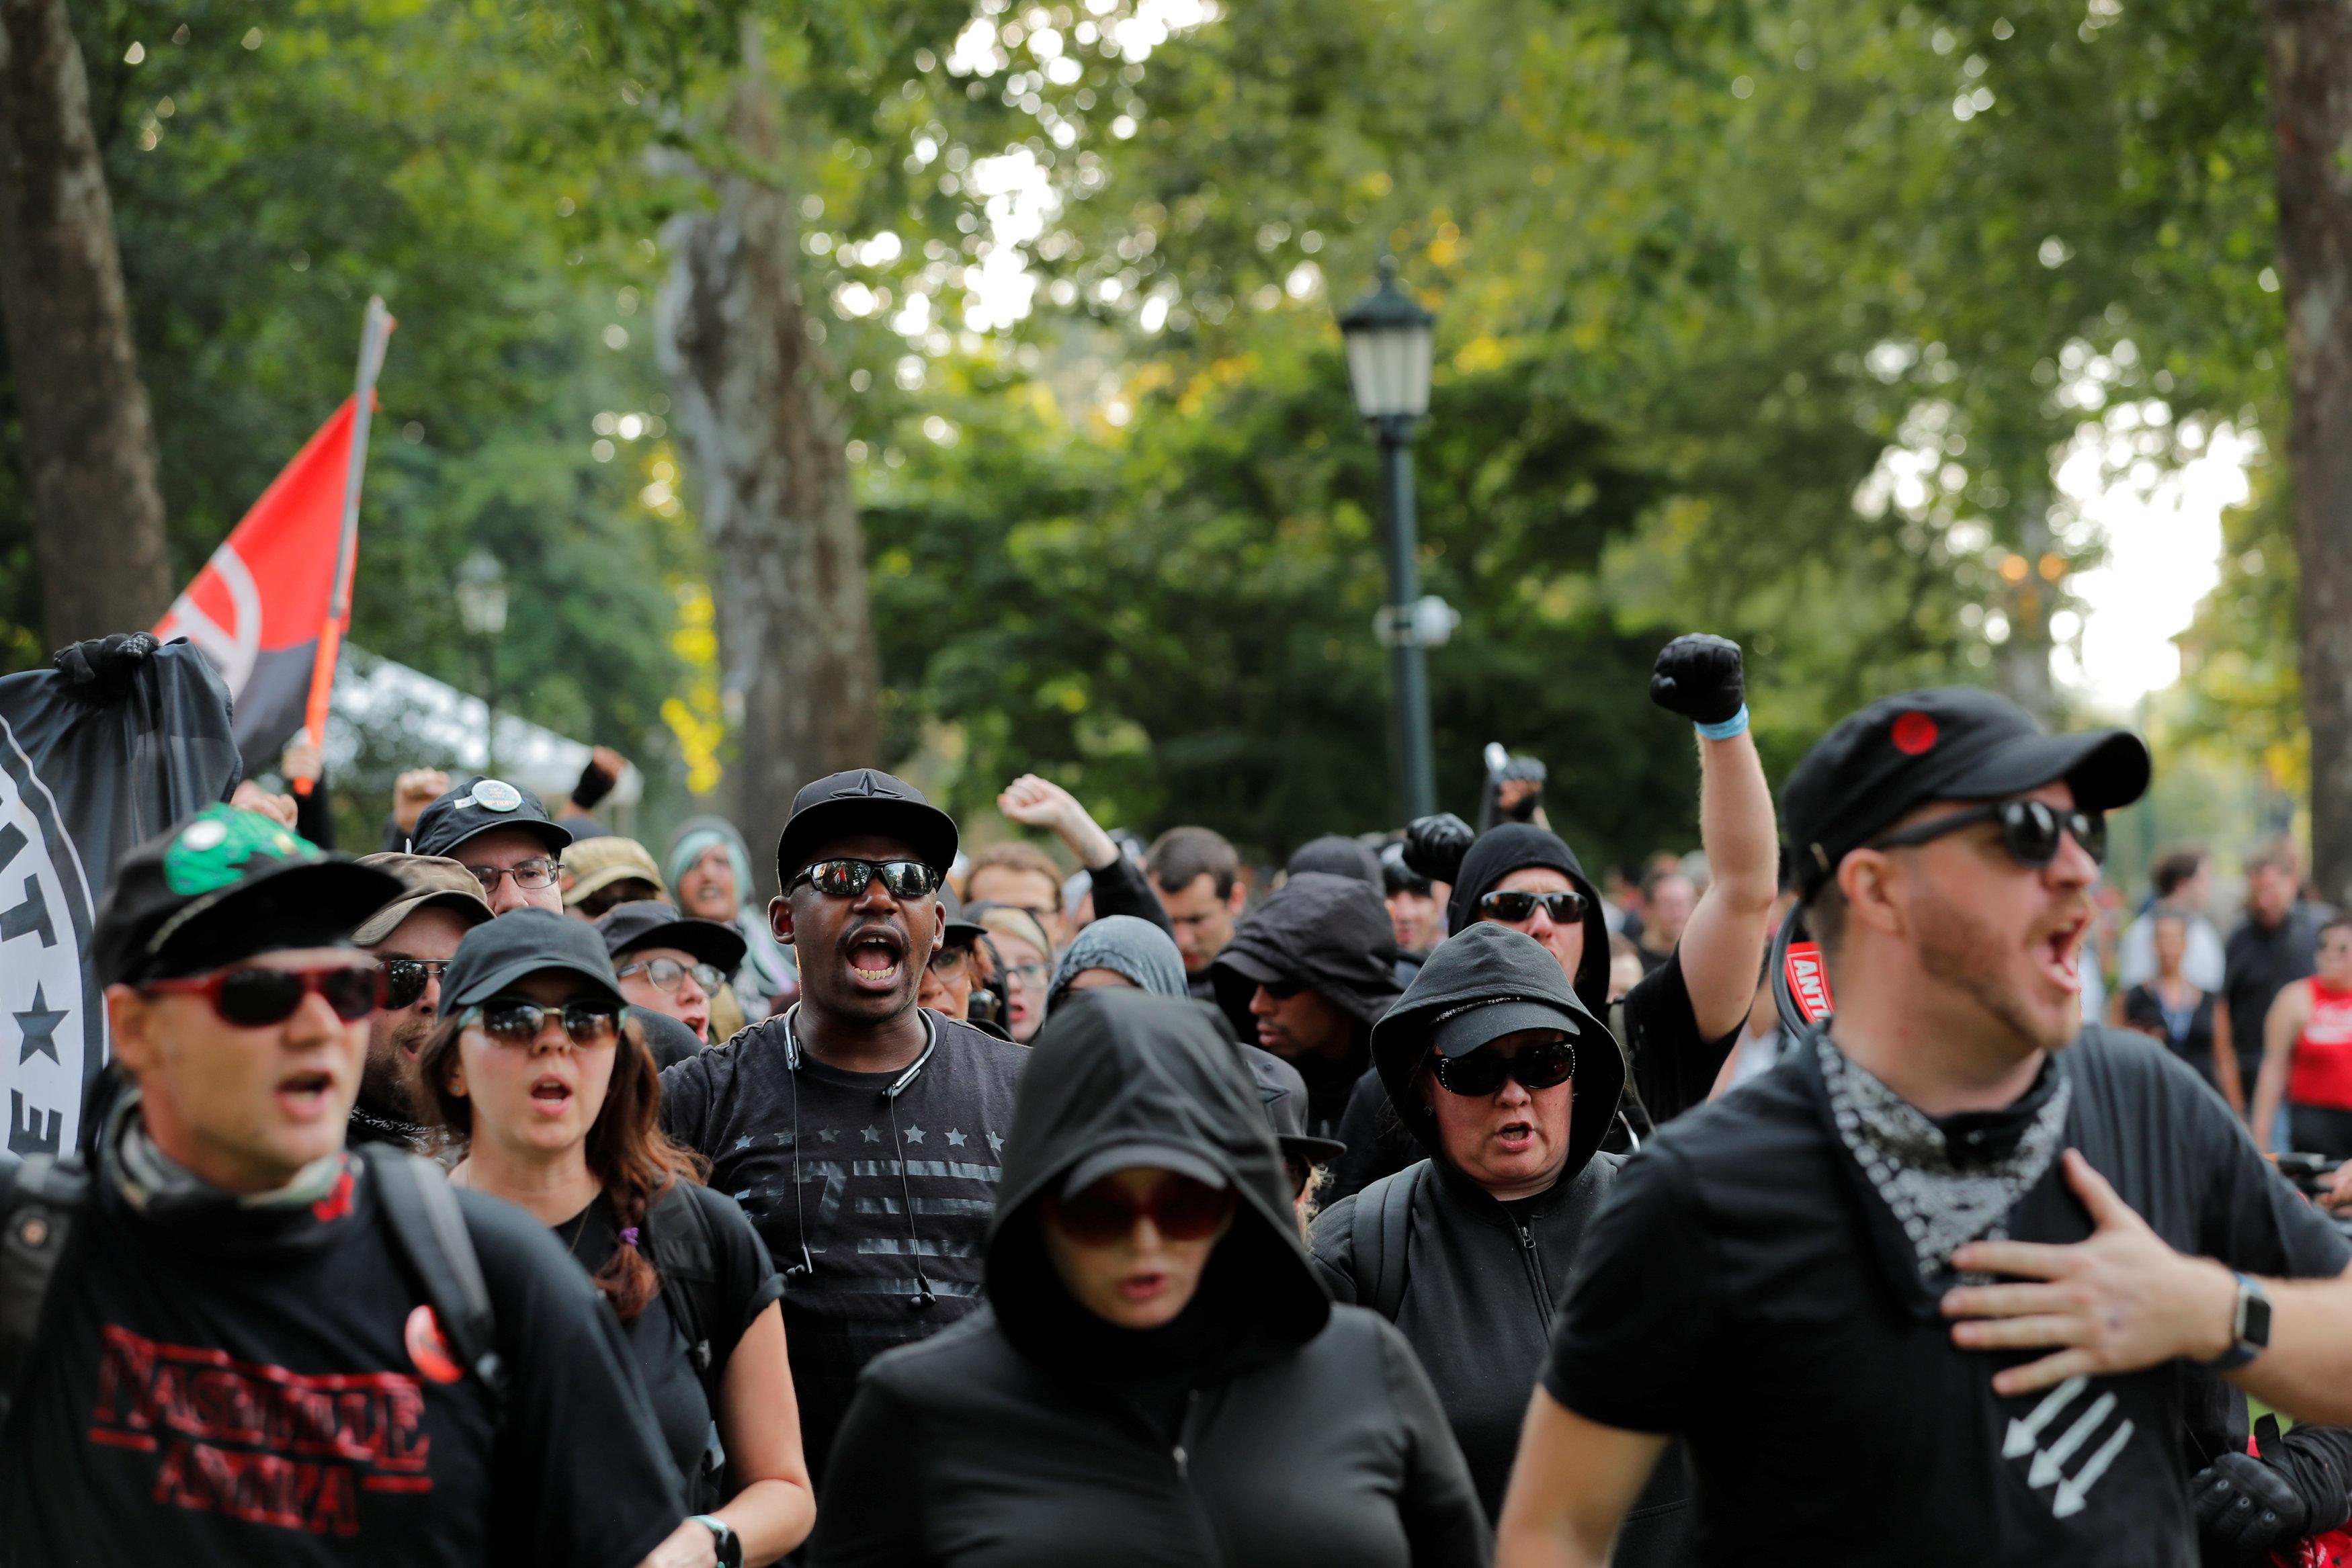 反種族主義的示威者在維大校園遊行,呼喊口號。(路透)